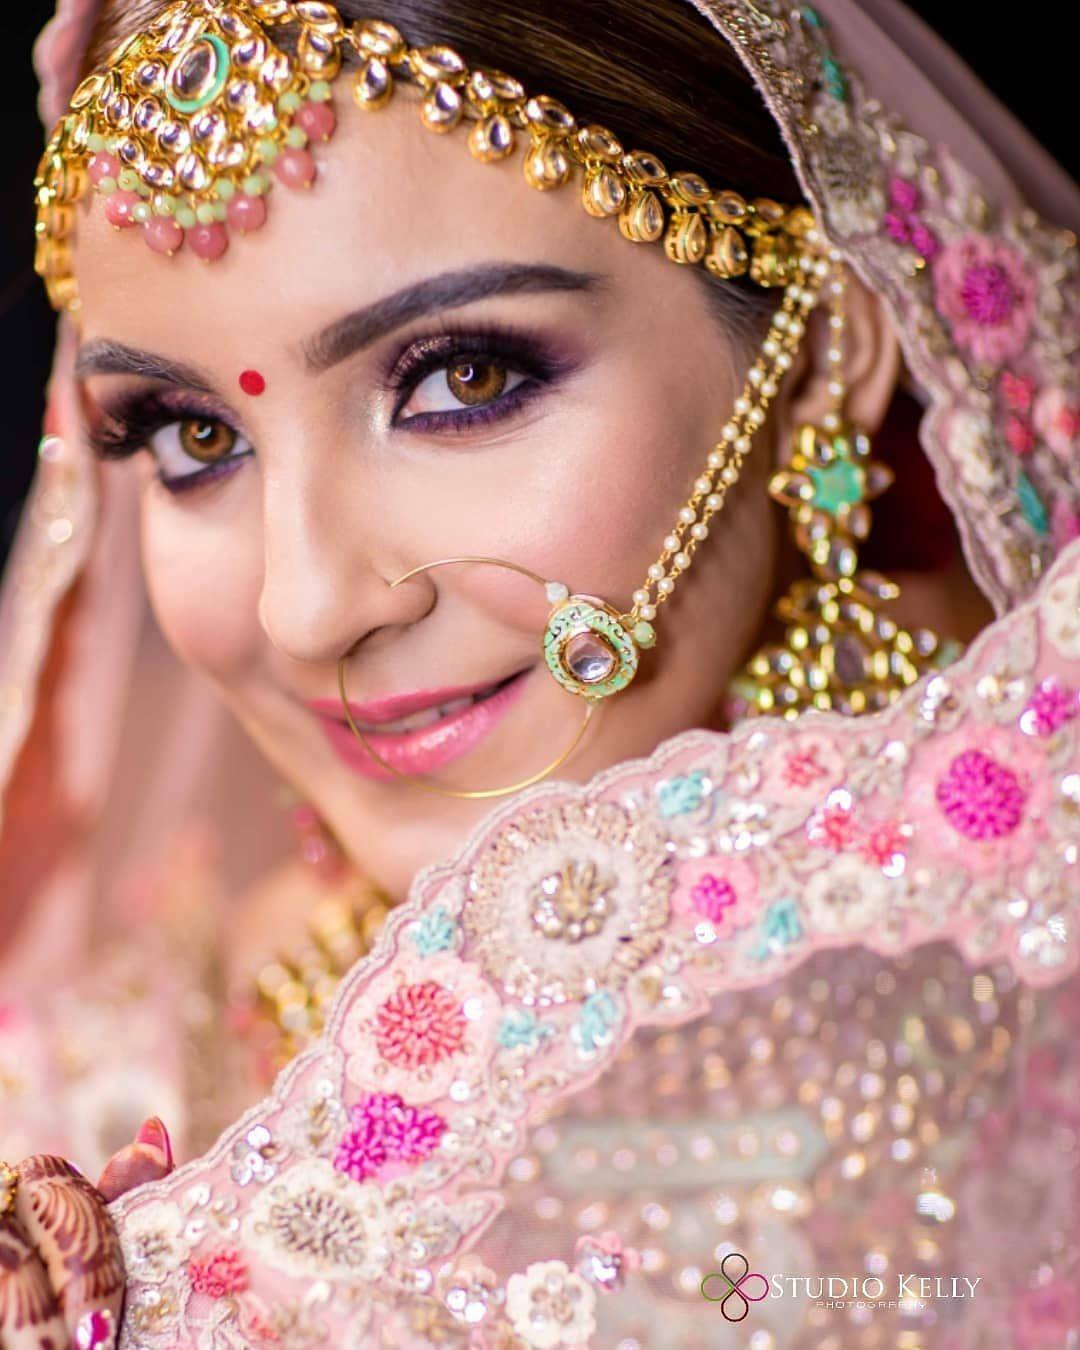 Beautiful Bridal Look In 2020 Best Bridal Makeup Bridal Makeup Bridal Makeup Artist